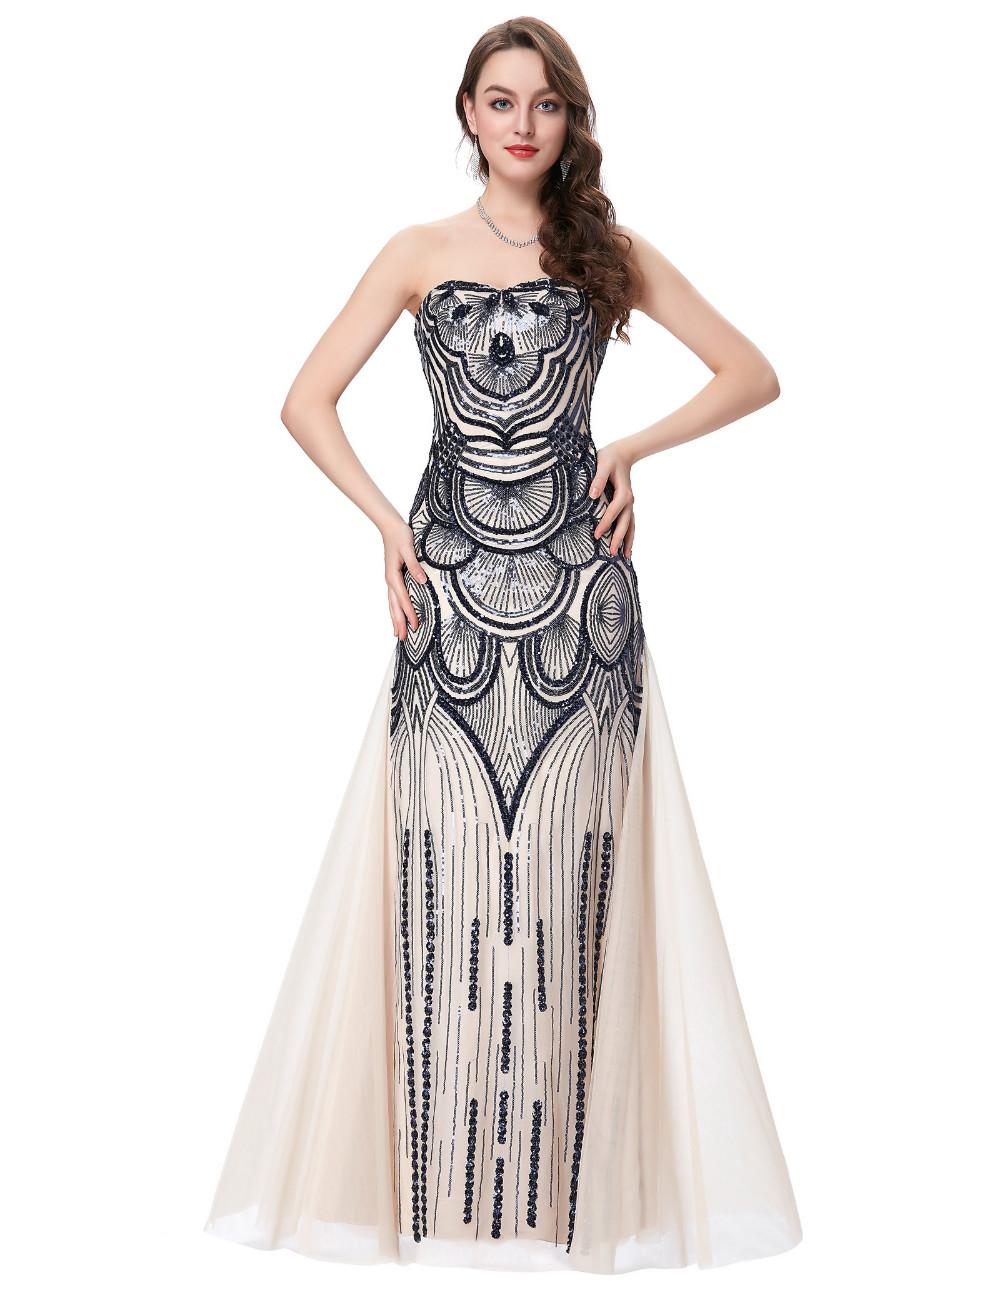 HTB1hDjZKFXXXXc0XFXXq6xXFXXX9Strapless Special Occasion Dress